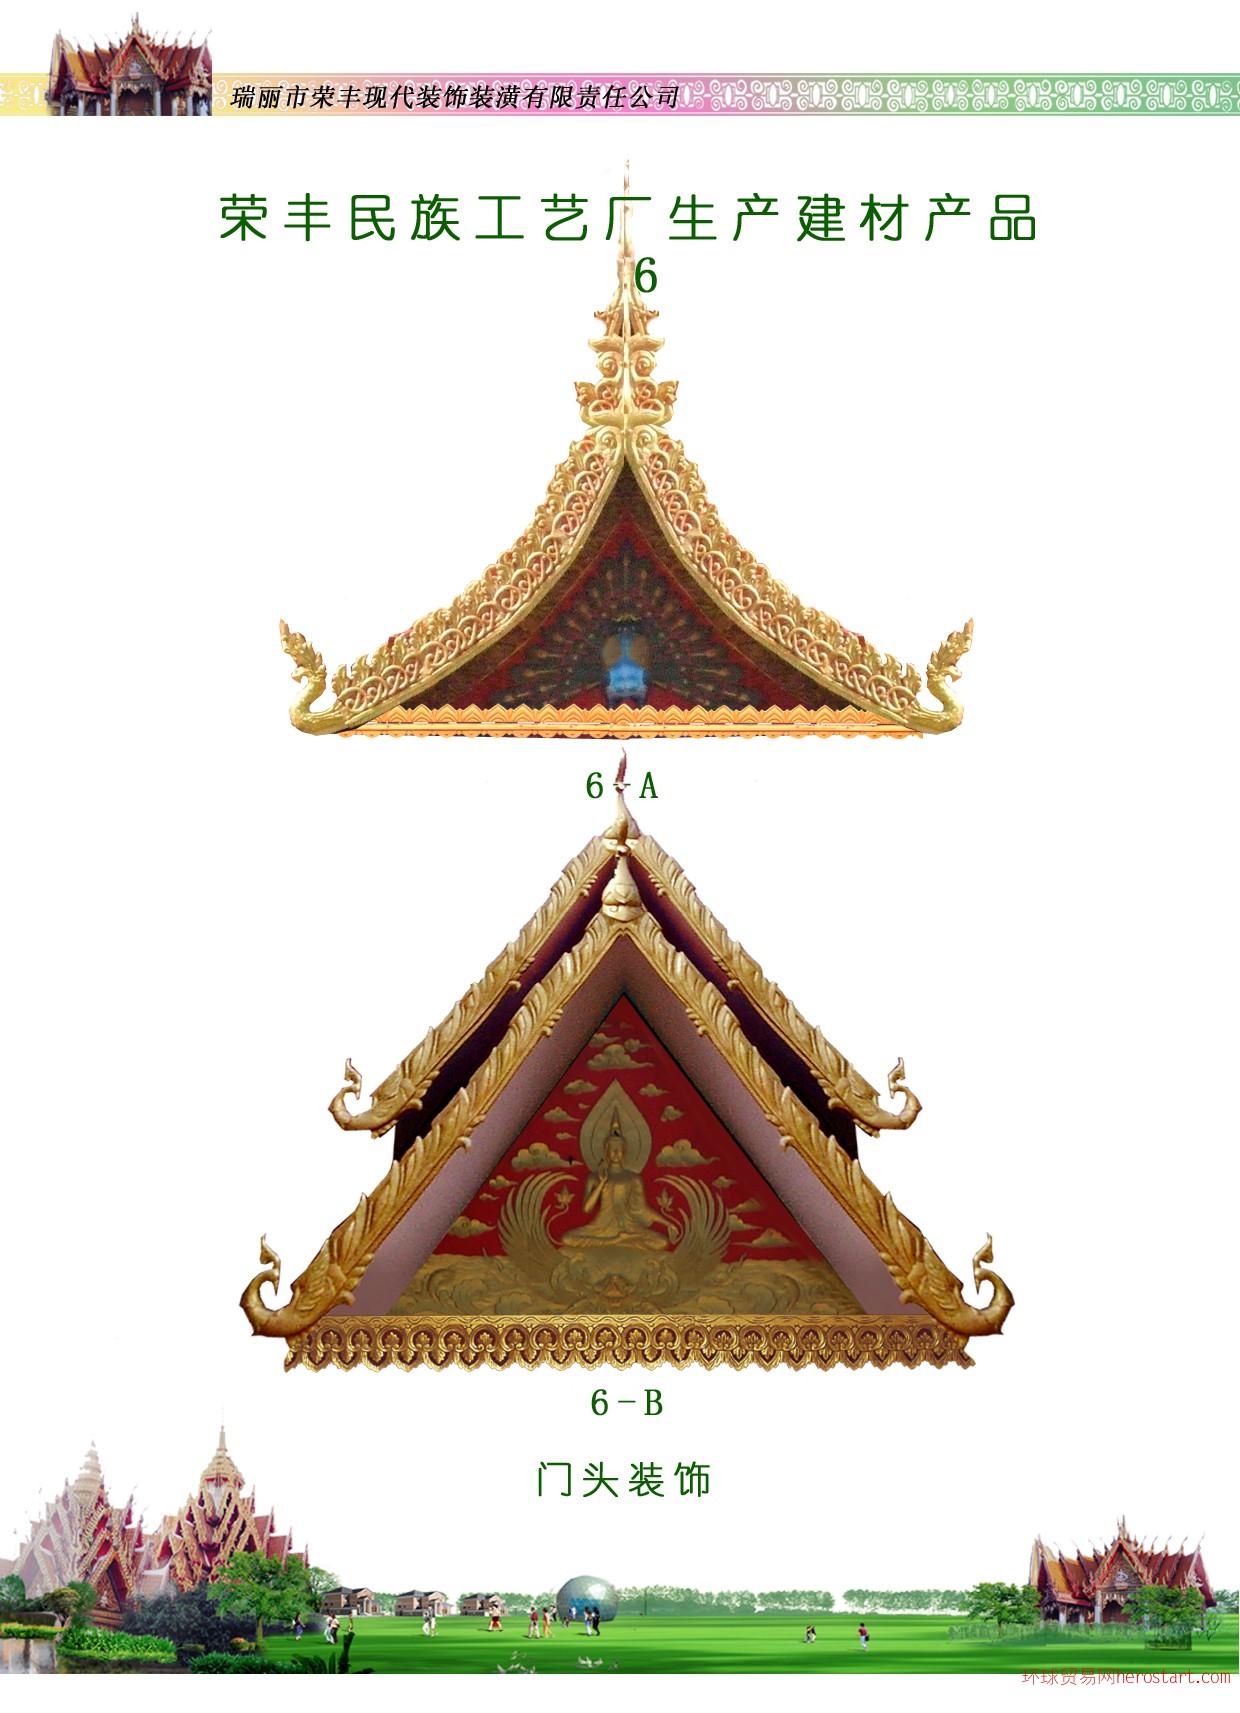 荣丰民族工艺品门头装饰